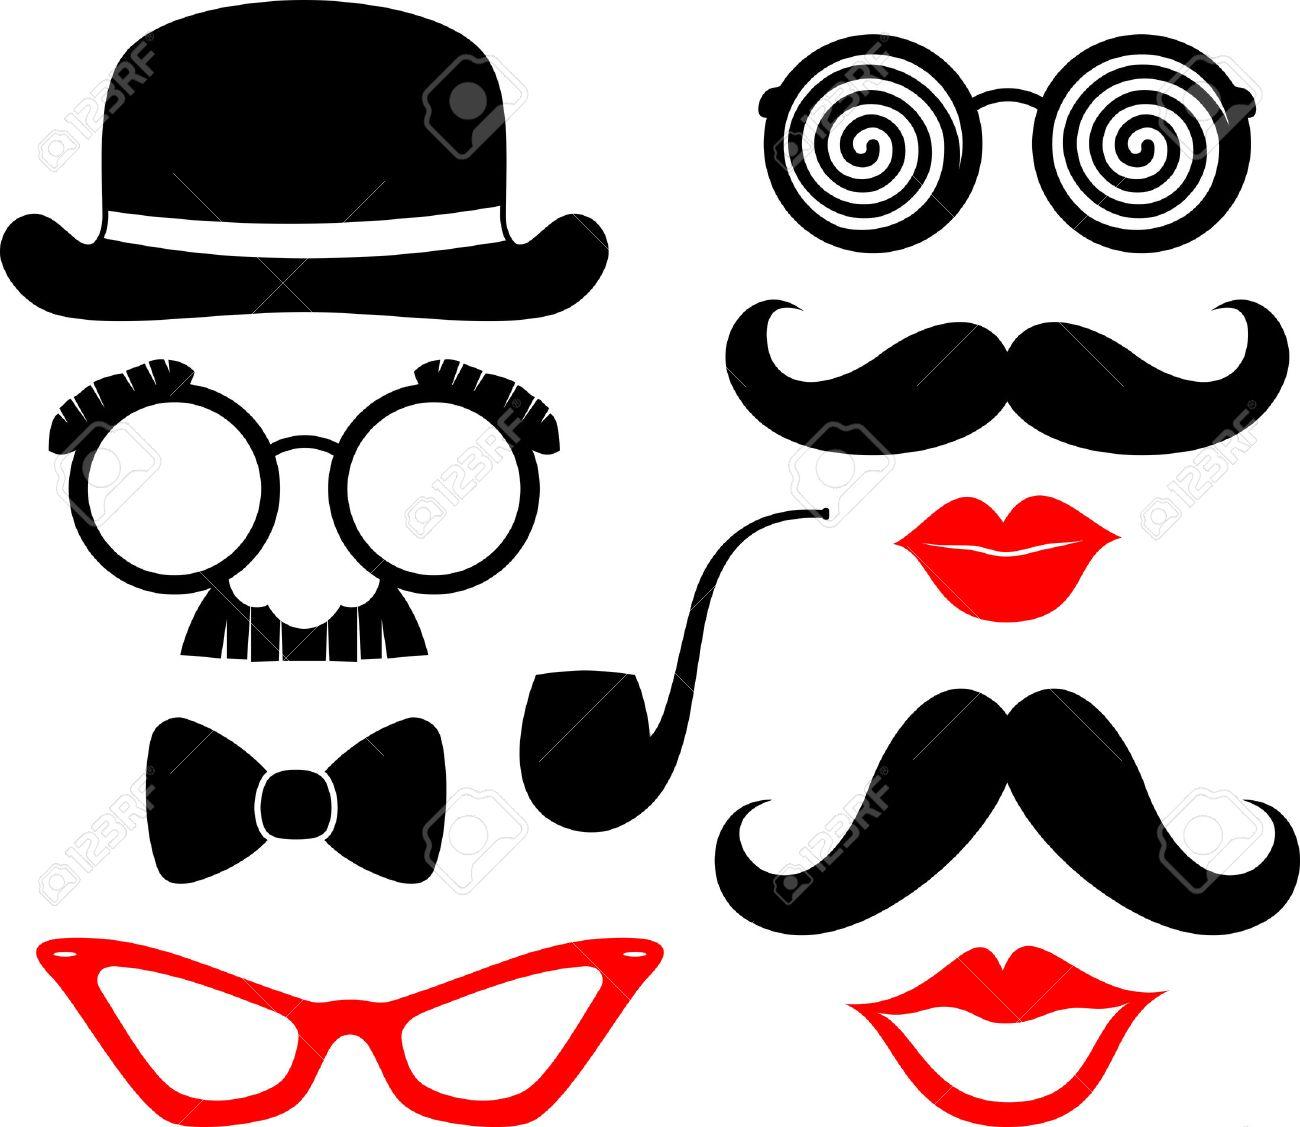 mostachos conjunto de bigotes, labios y gafas siluetas y elementos de diseño para apoyos